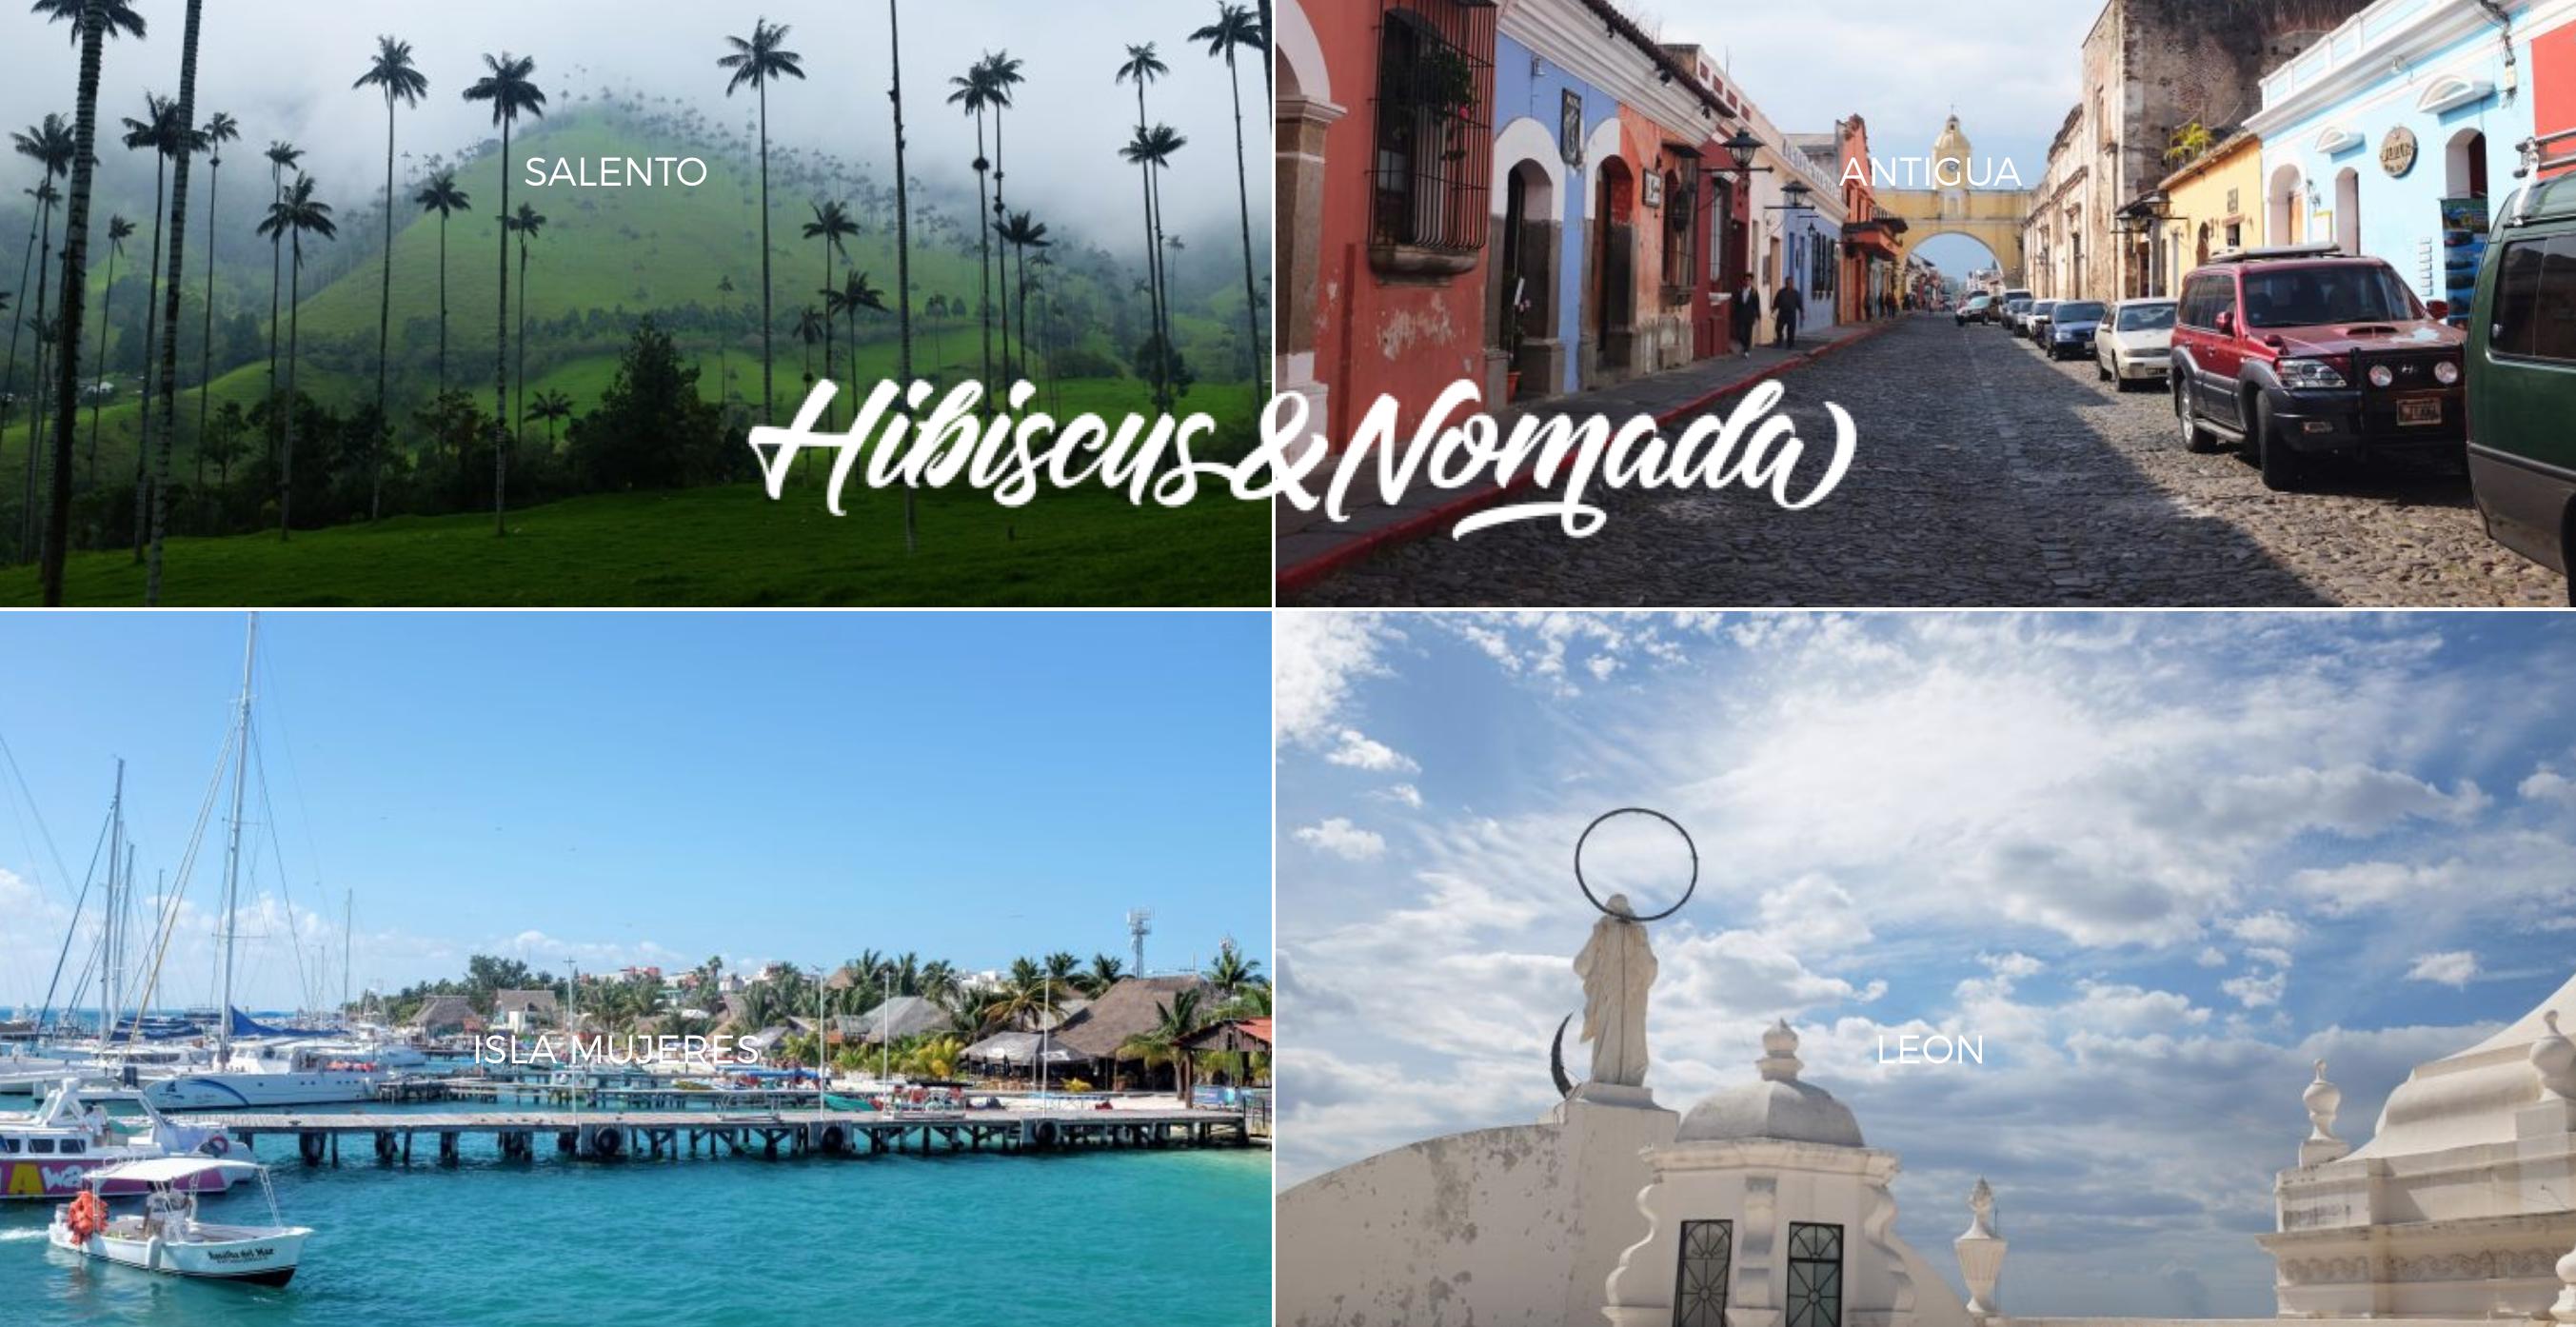 travel publication Hibiscus & Nomada